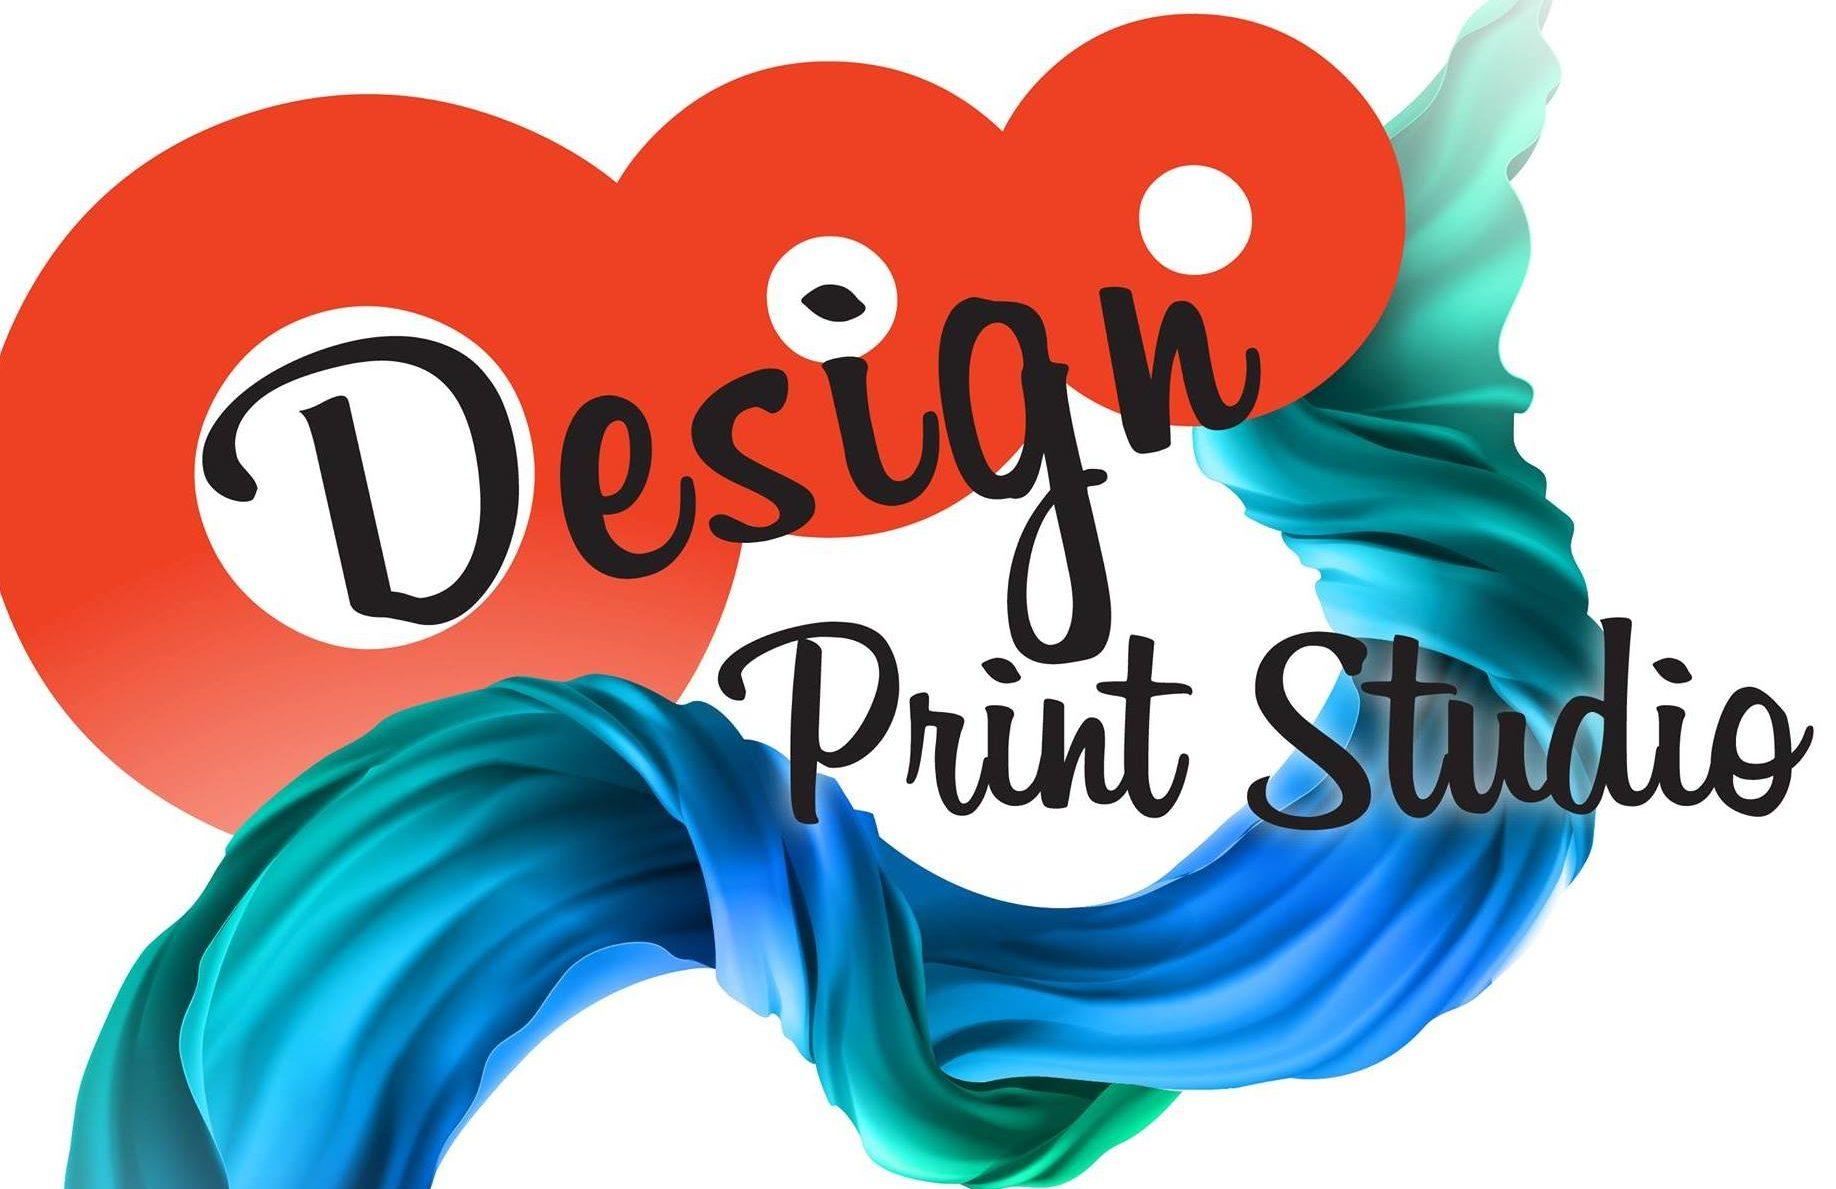 Печатење маици, флаери, шојли, бизнис карти, ласерско сечење гравирање